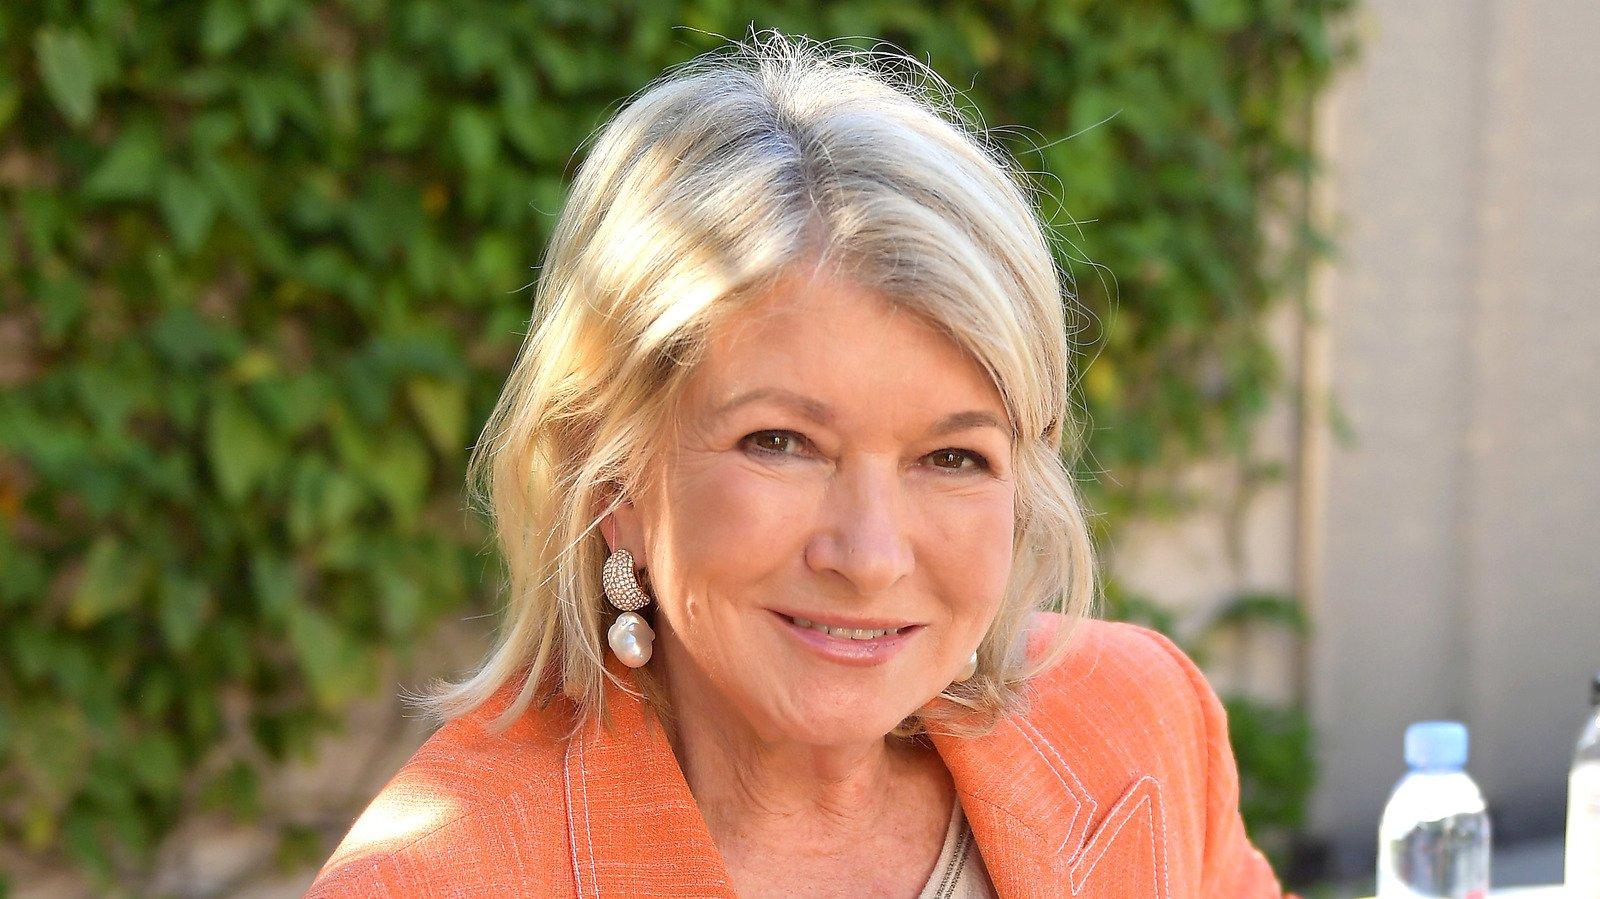 Martha Stewart's Staggering Net Worth Revealed